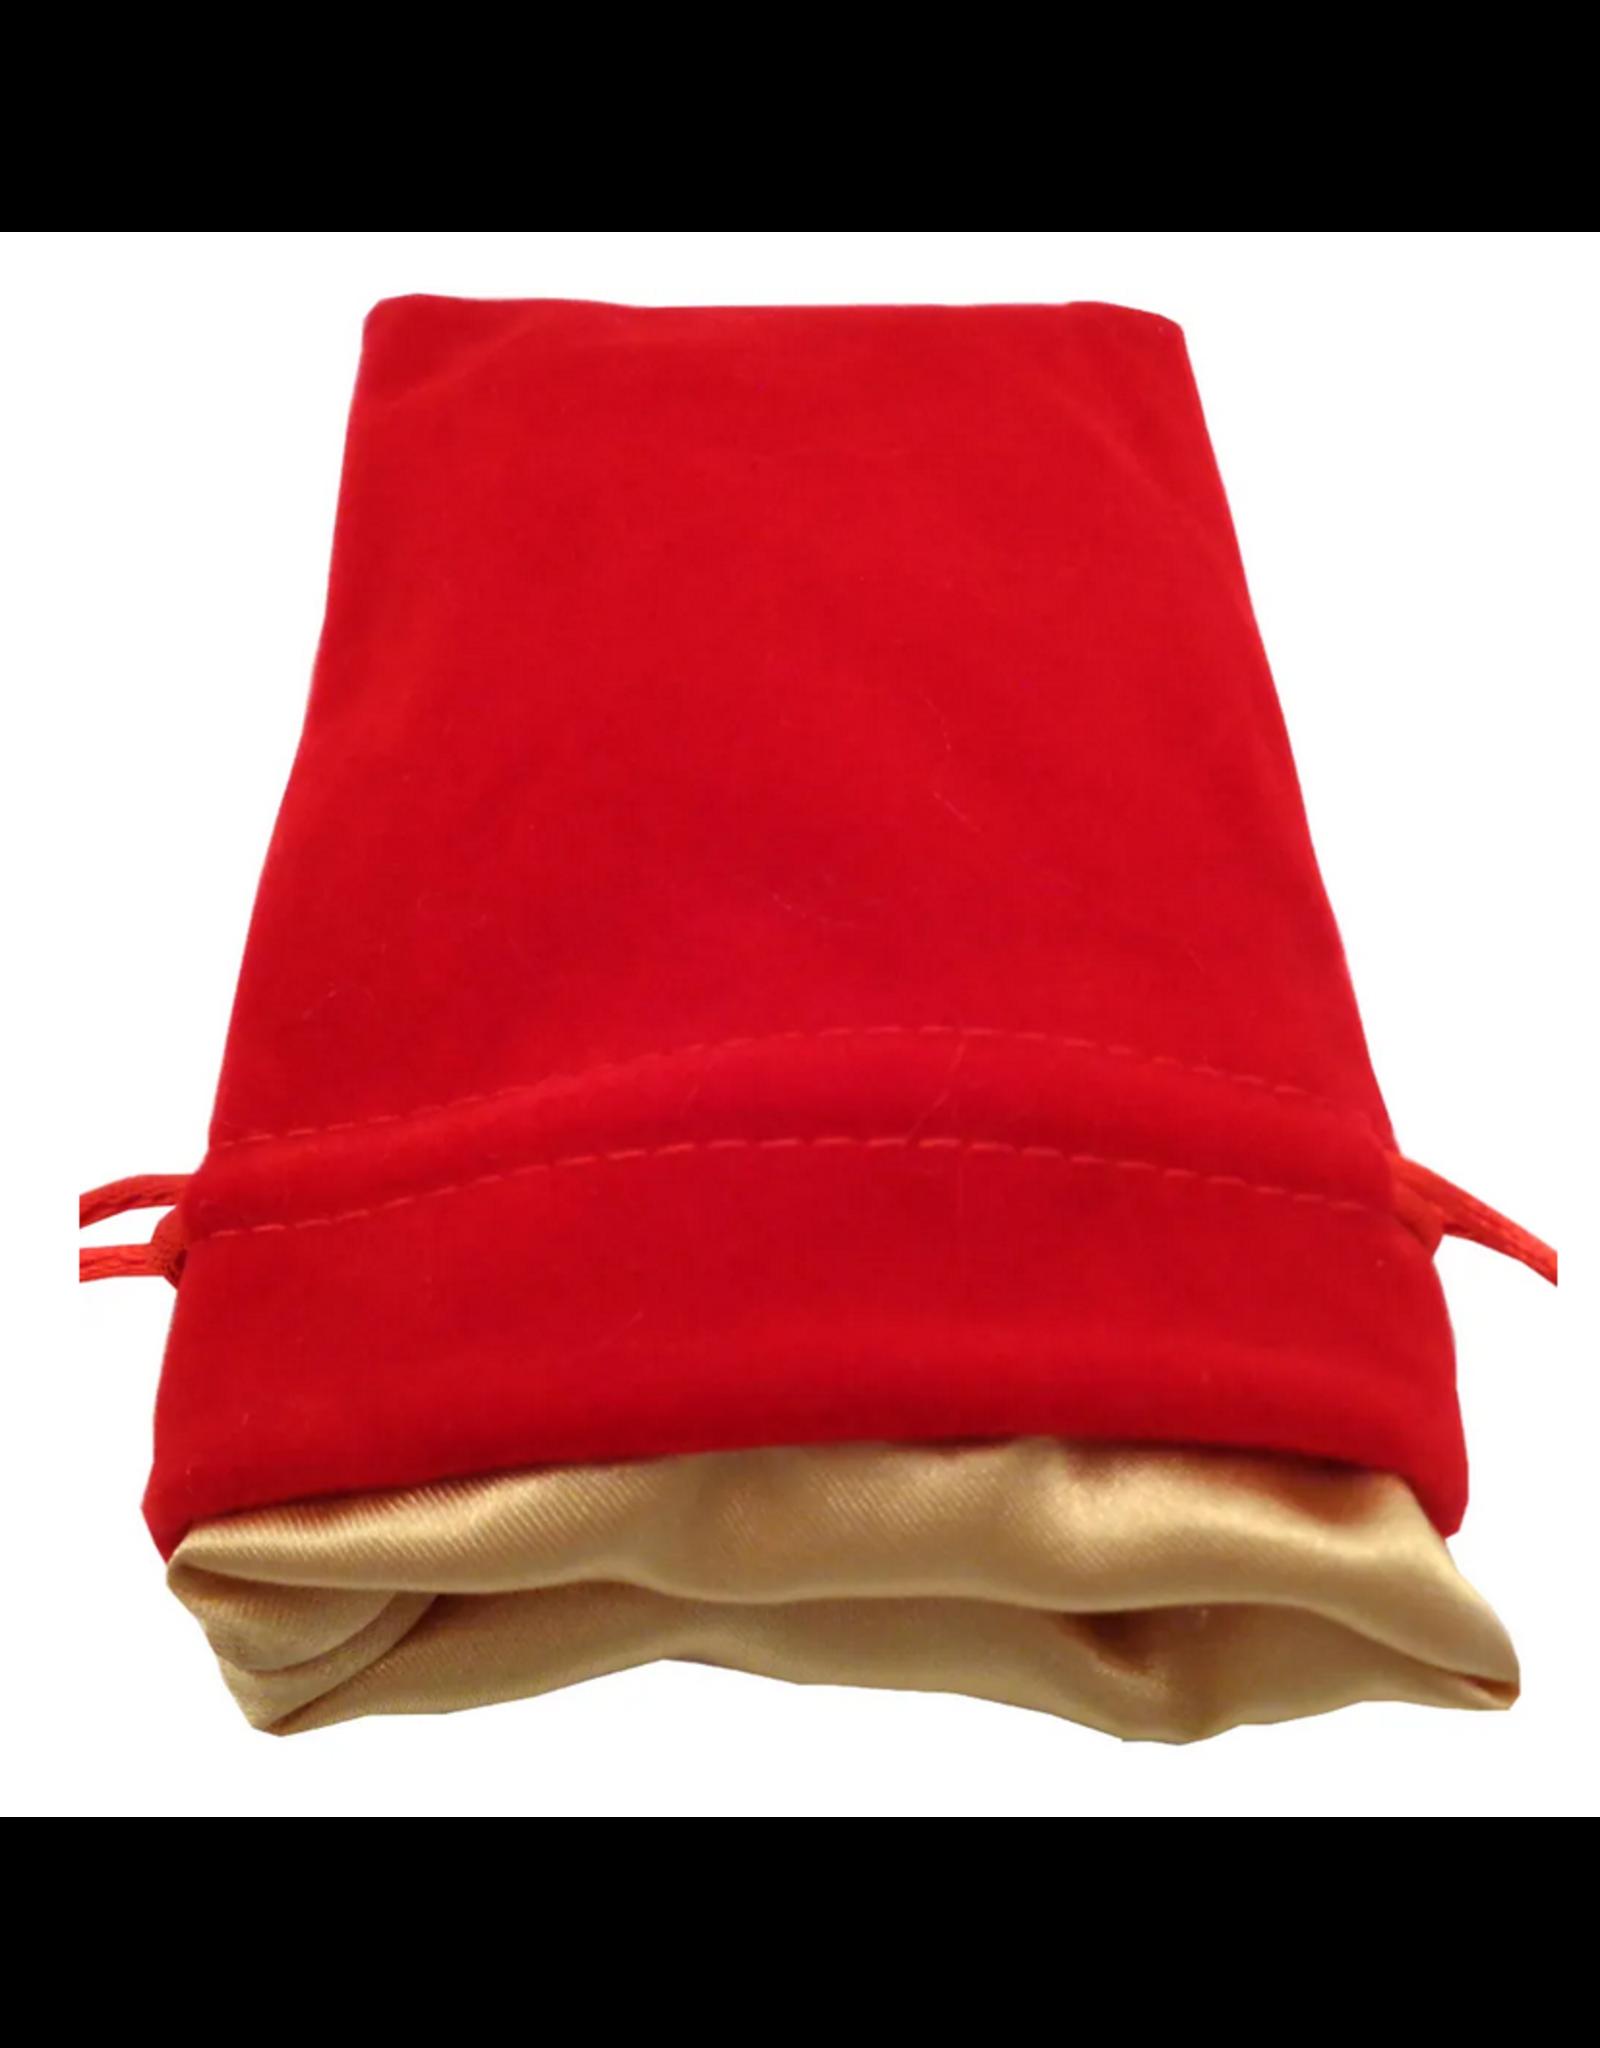 Dice 4in x 6in Red Velvet Dice Bag